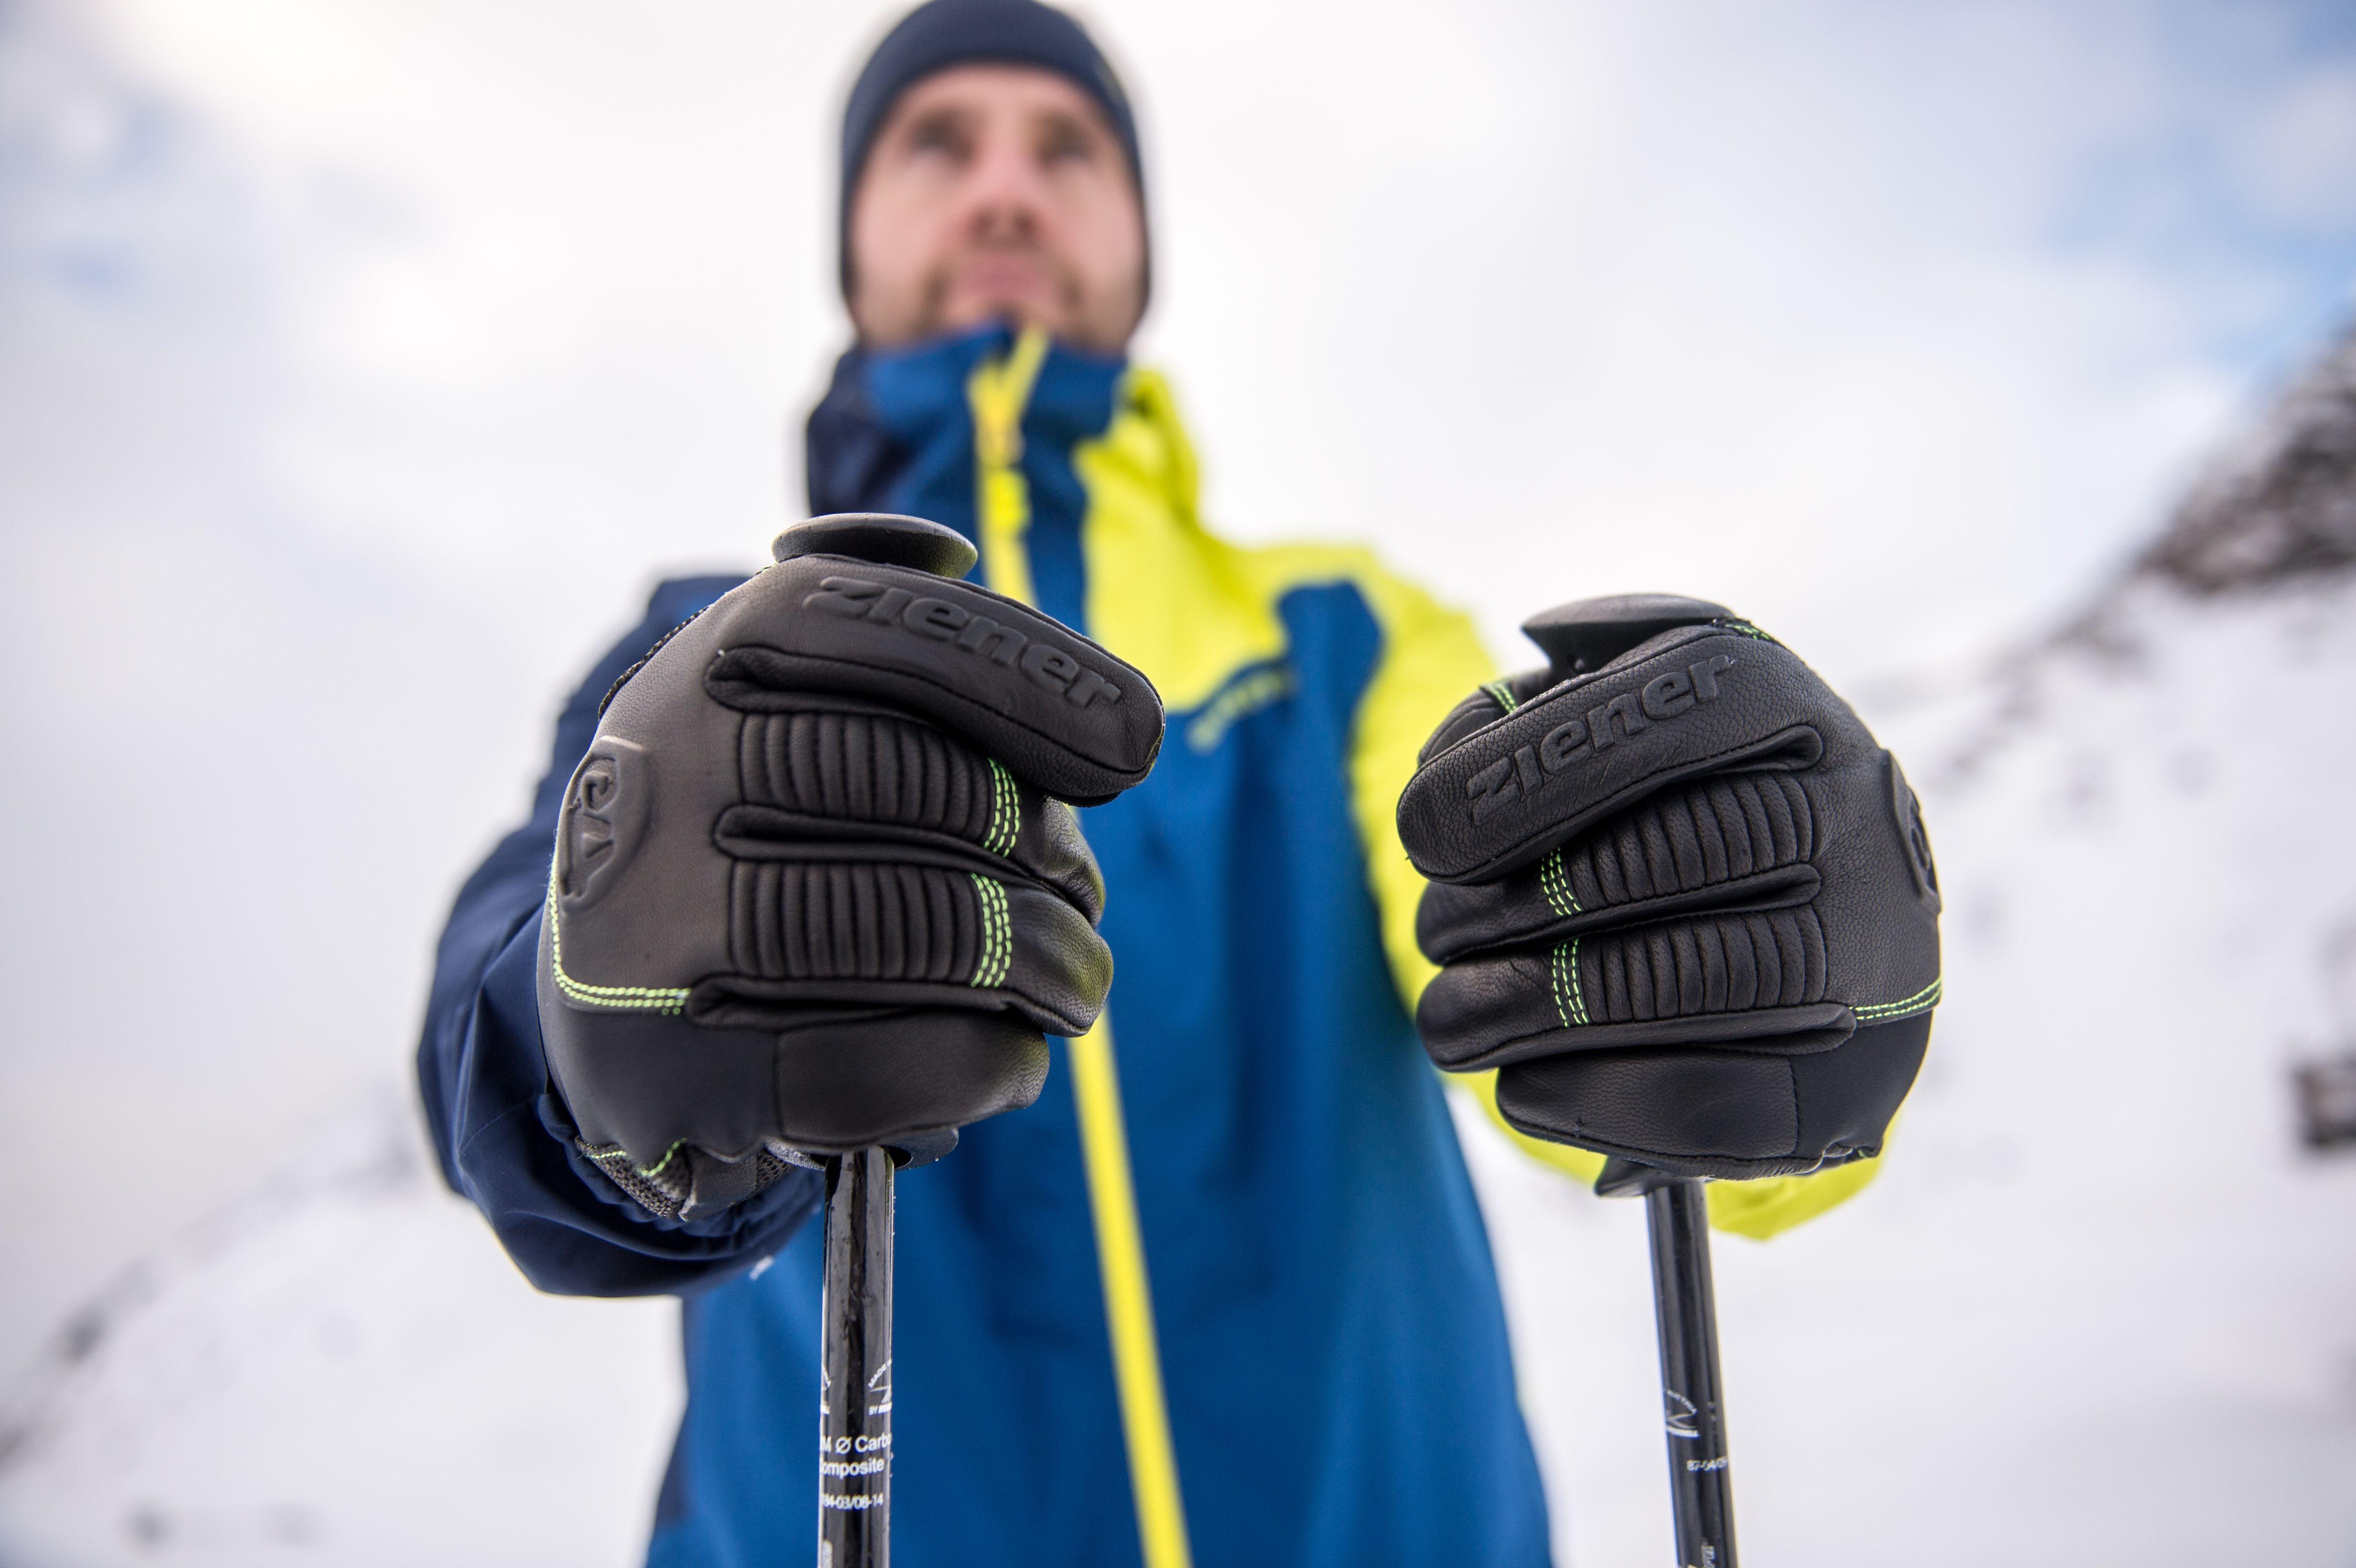 Handschoenen gemaakt door professionals!